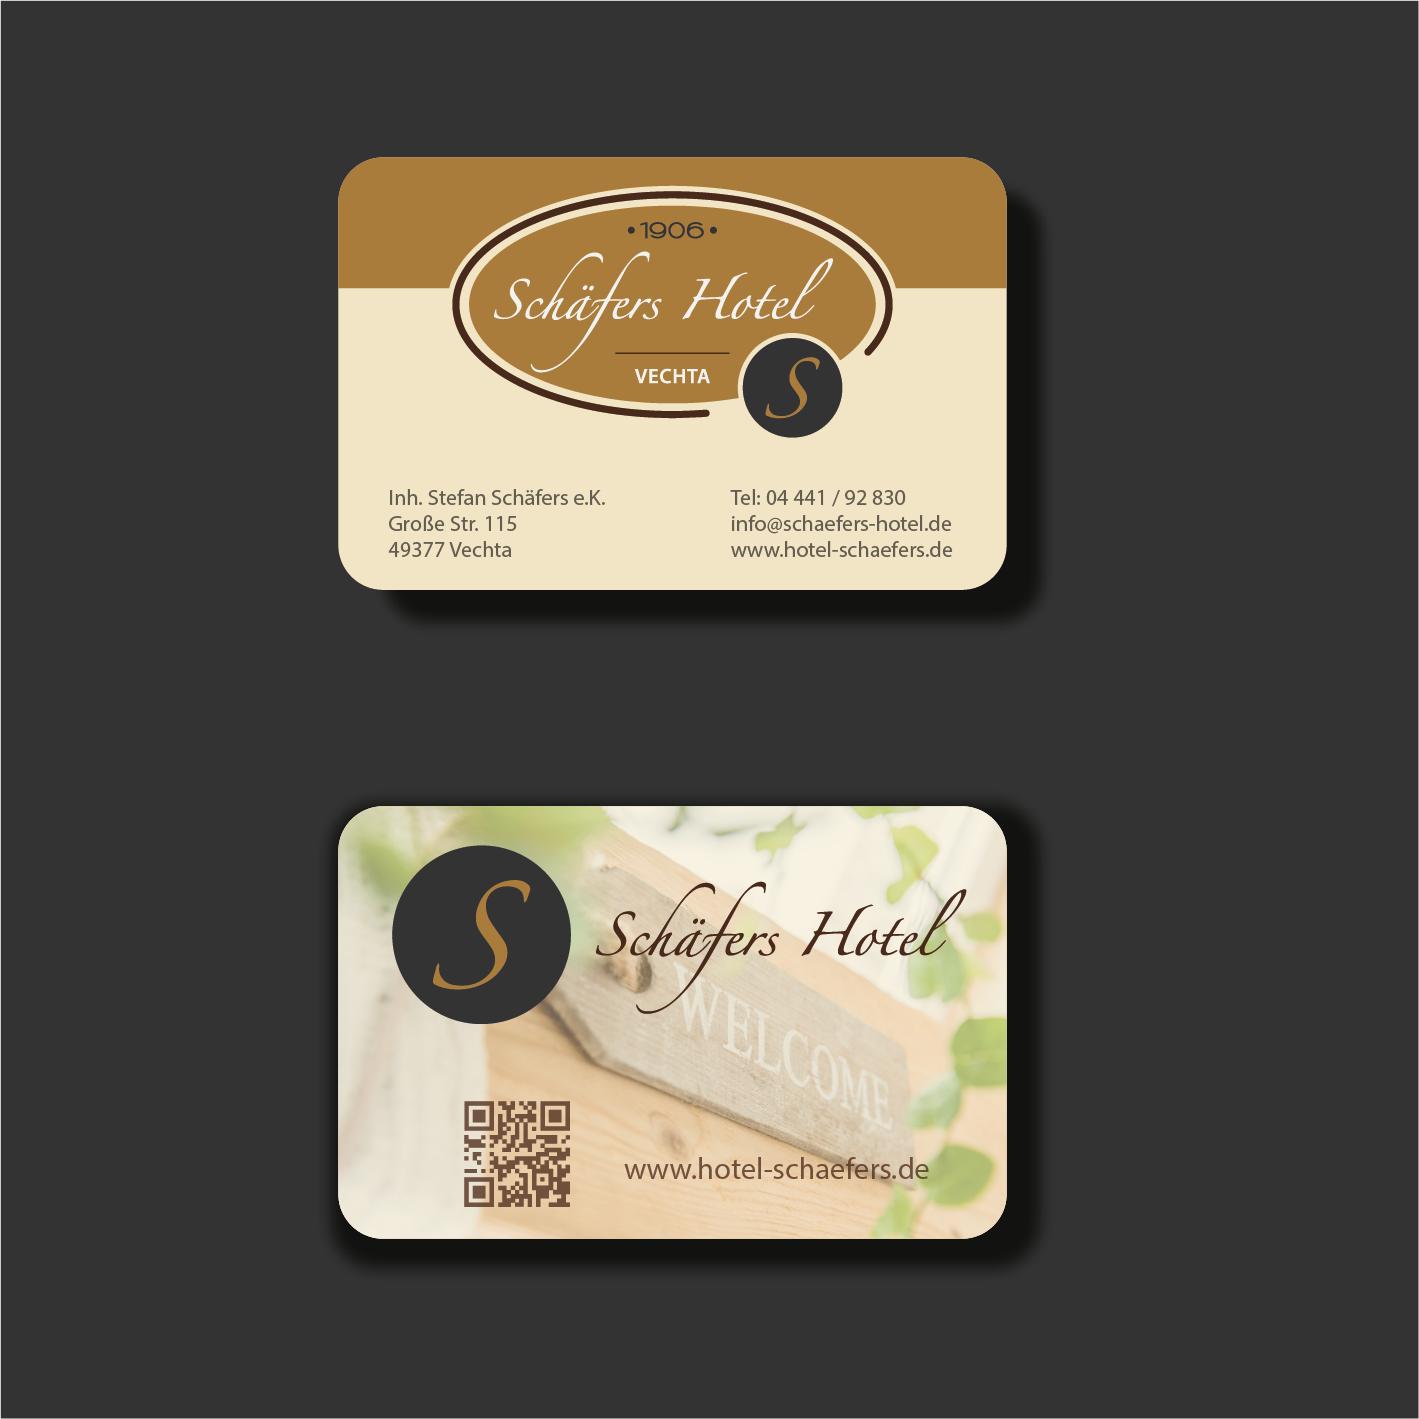 Visitenkarten Design Für Schäfers Hotel Business Card